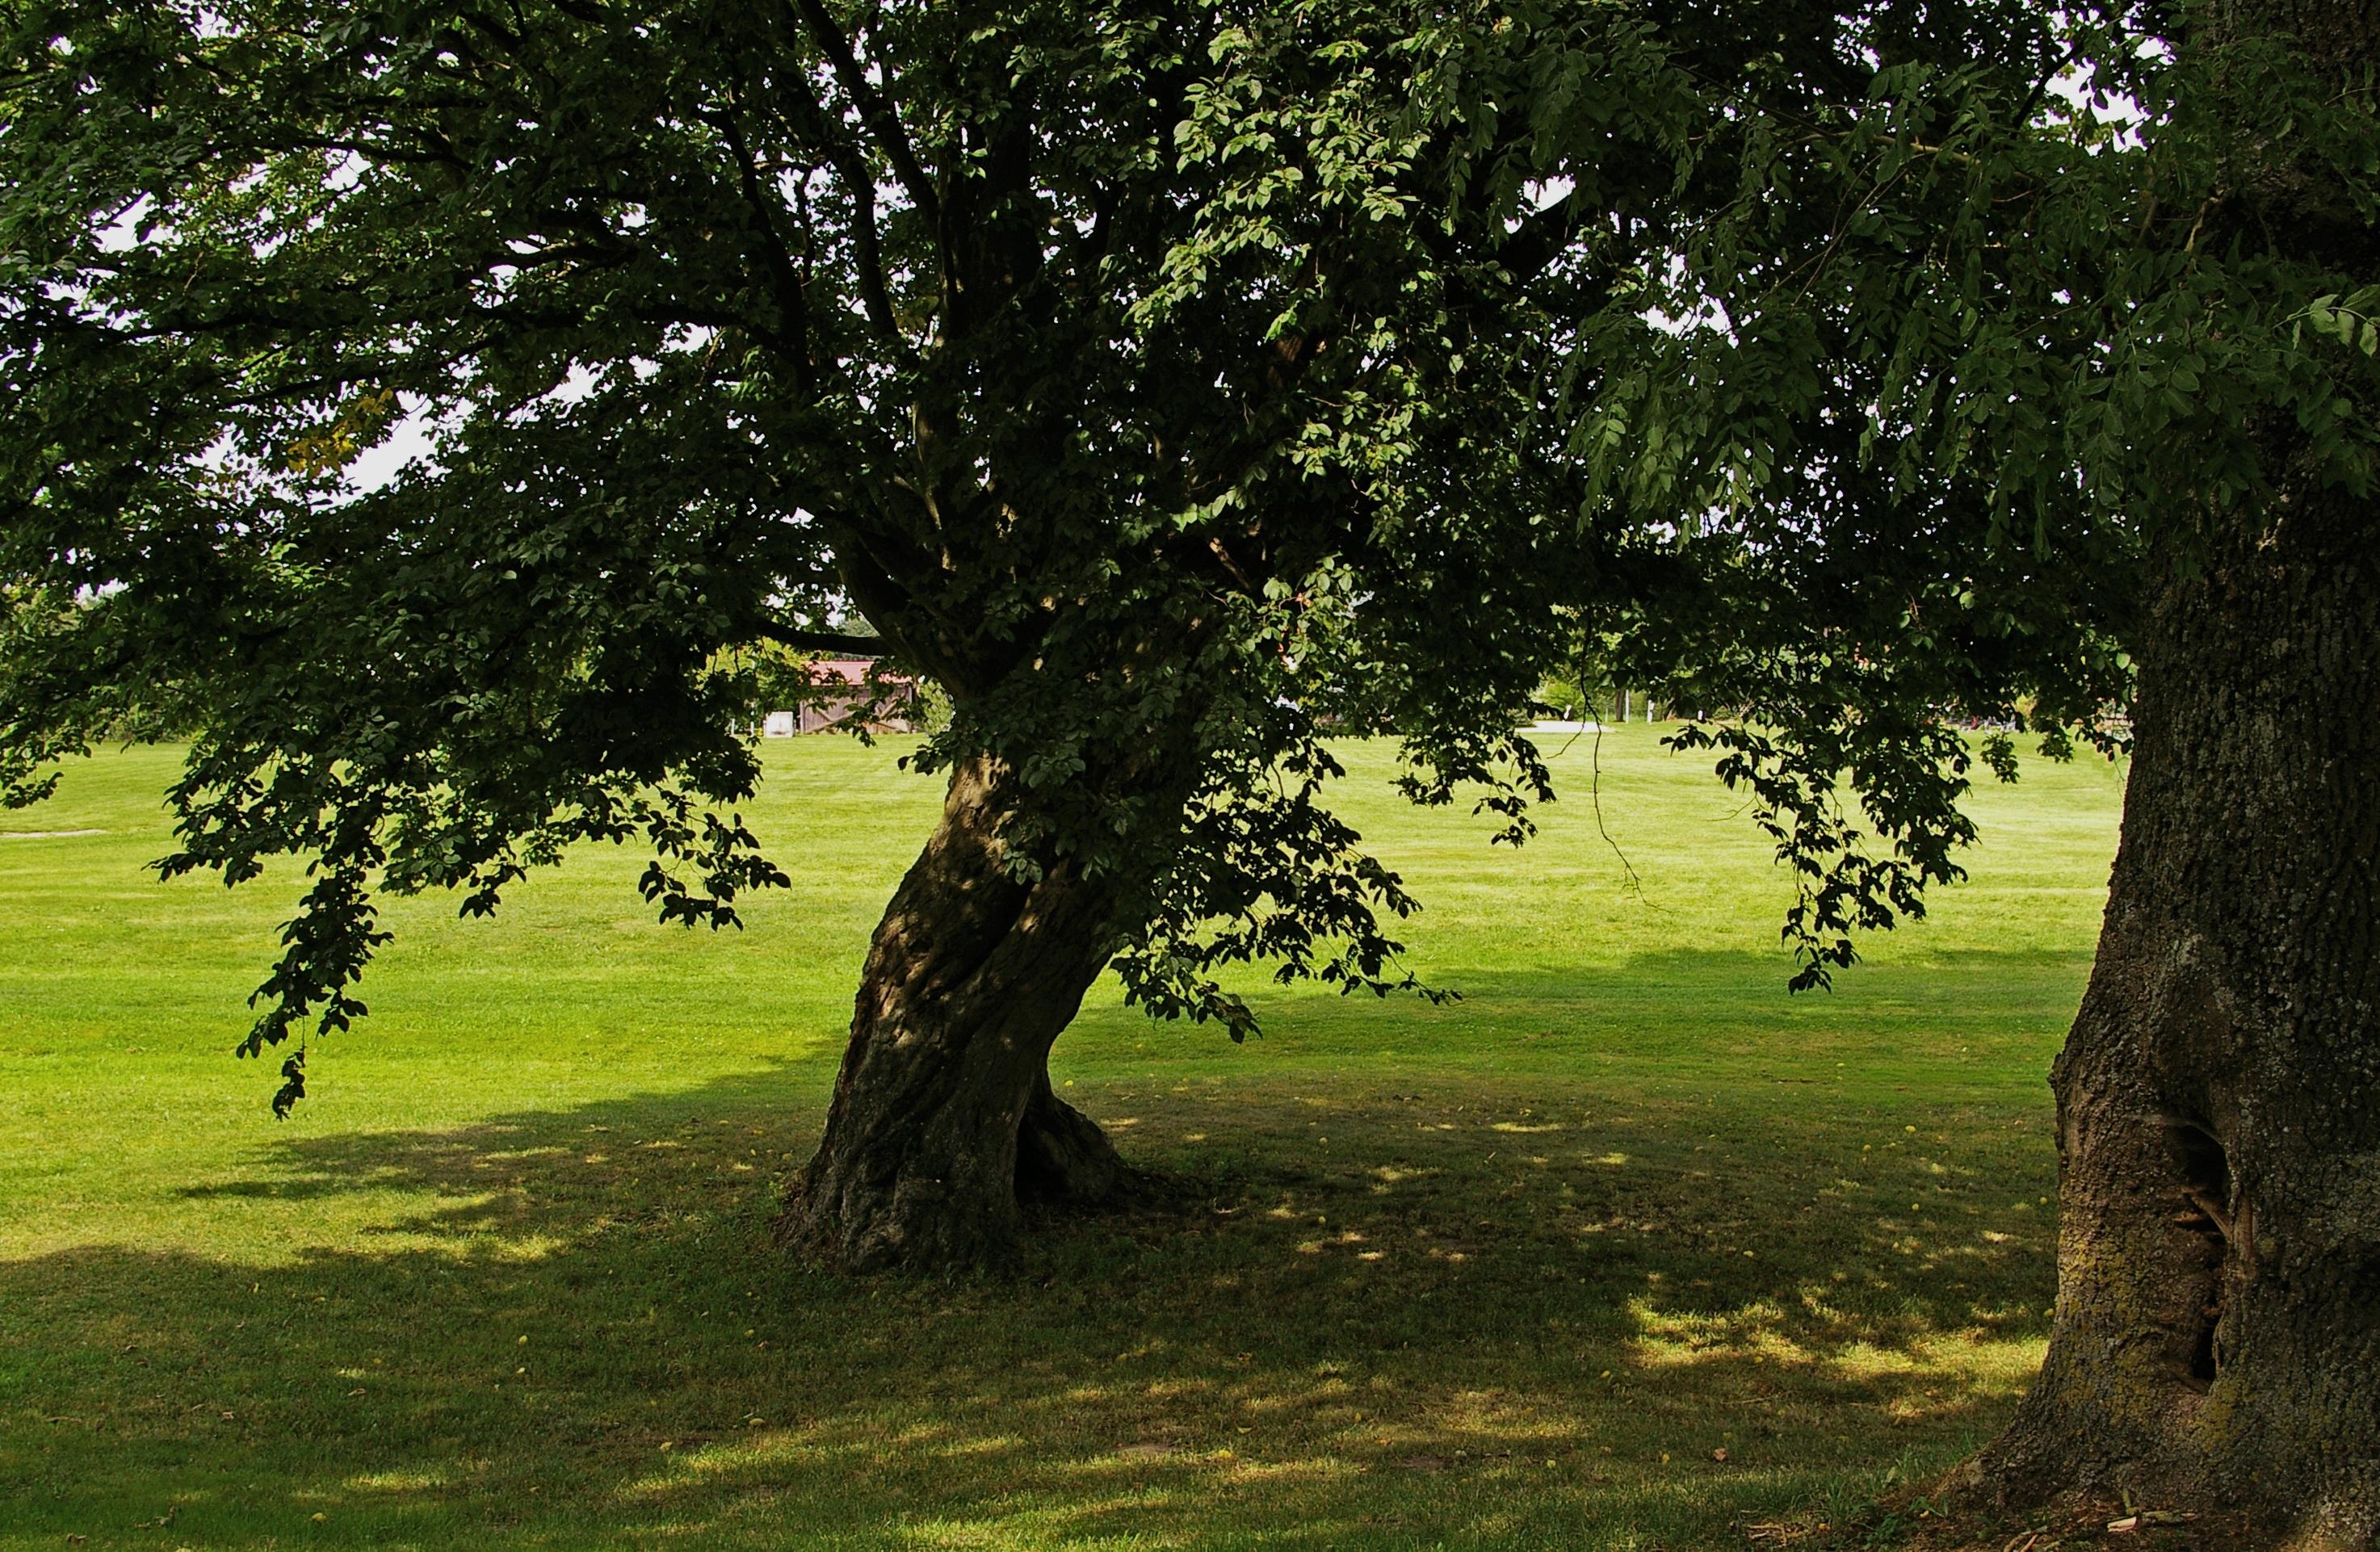 рекомендации картинка про деревьев вблизи пациенты персонал эвакуированы